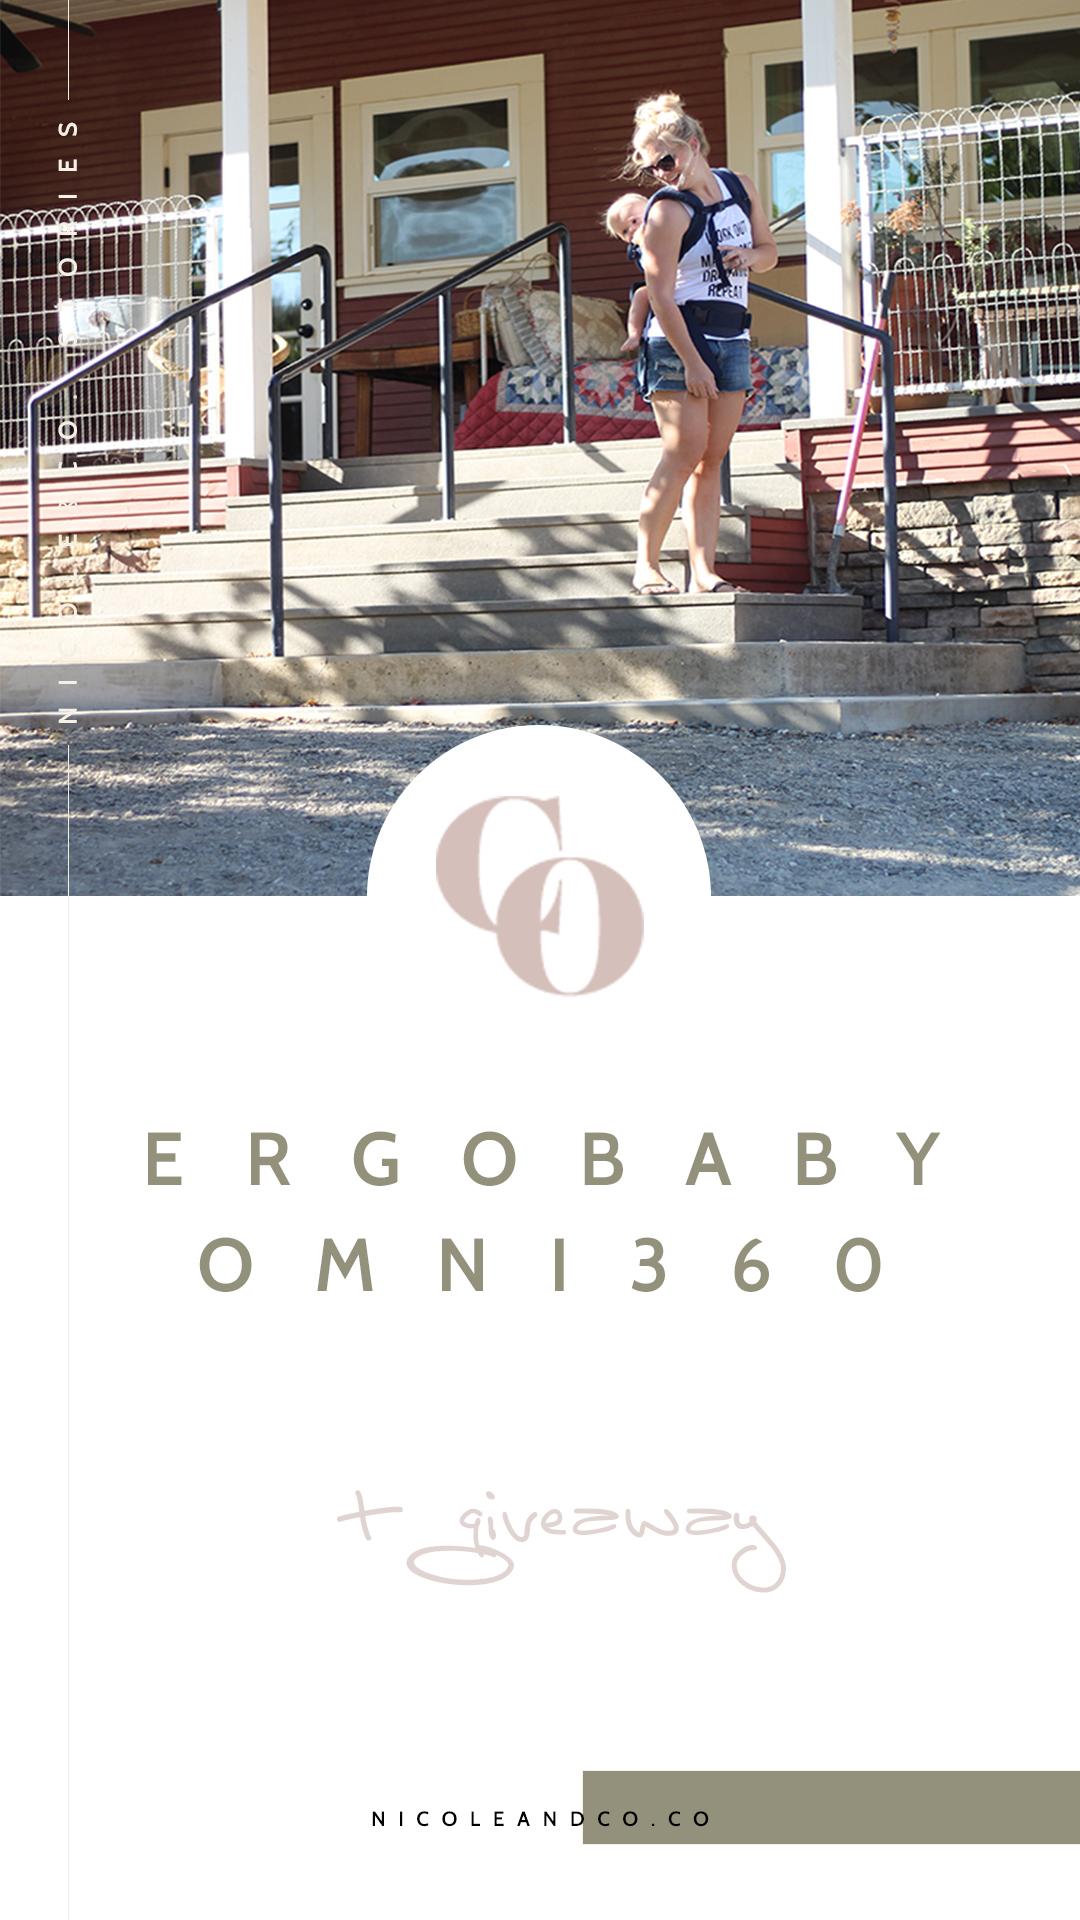 ergobaby.jpg